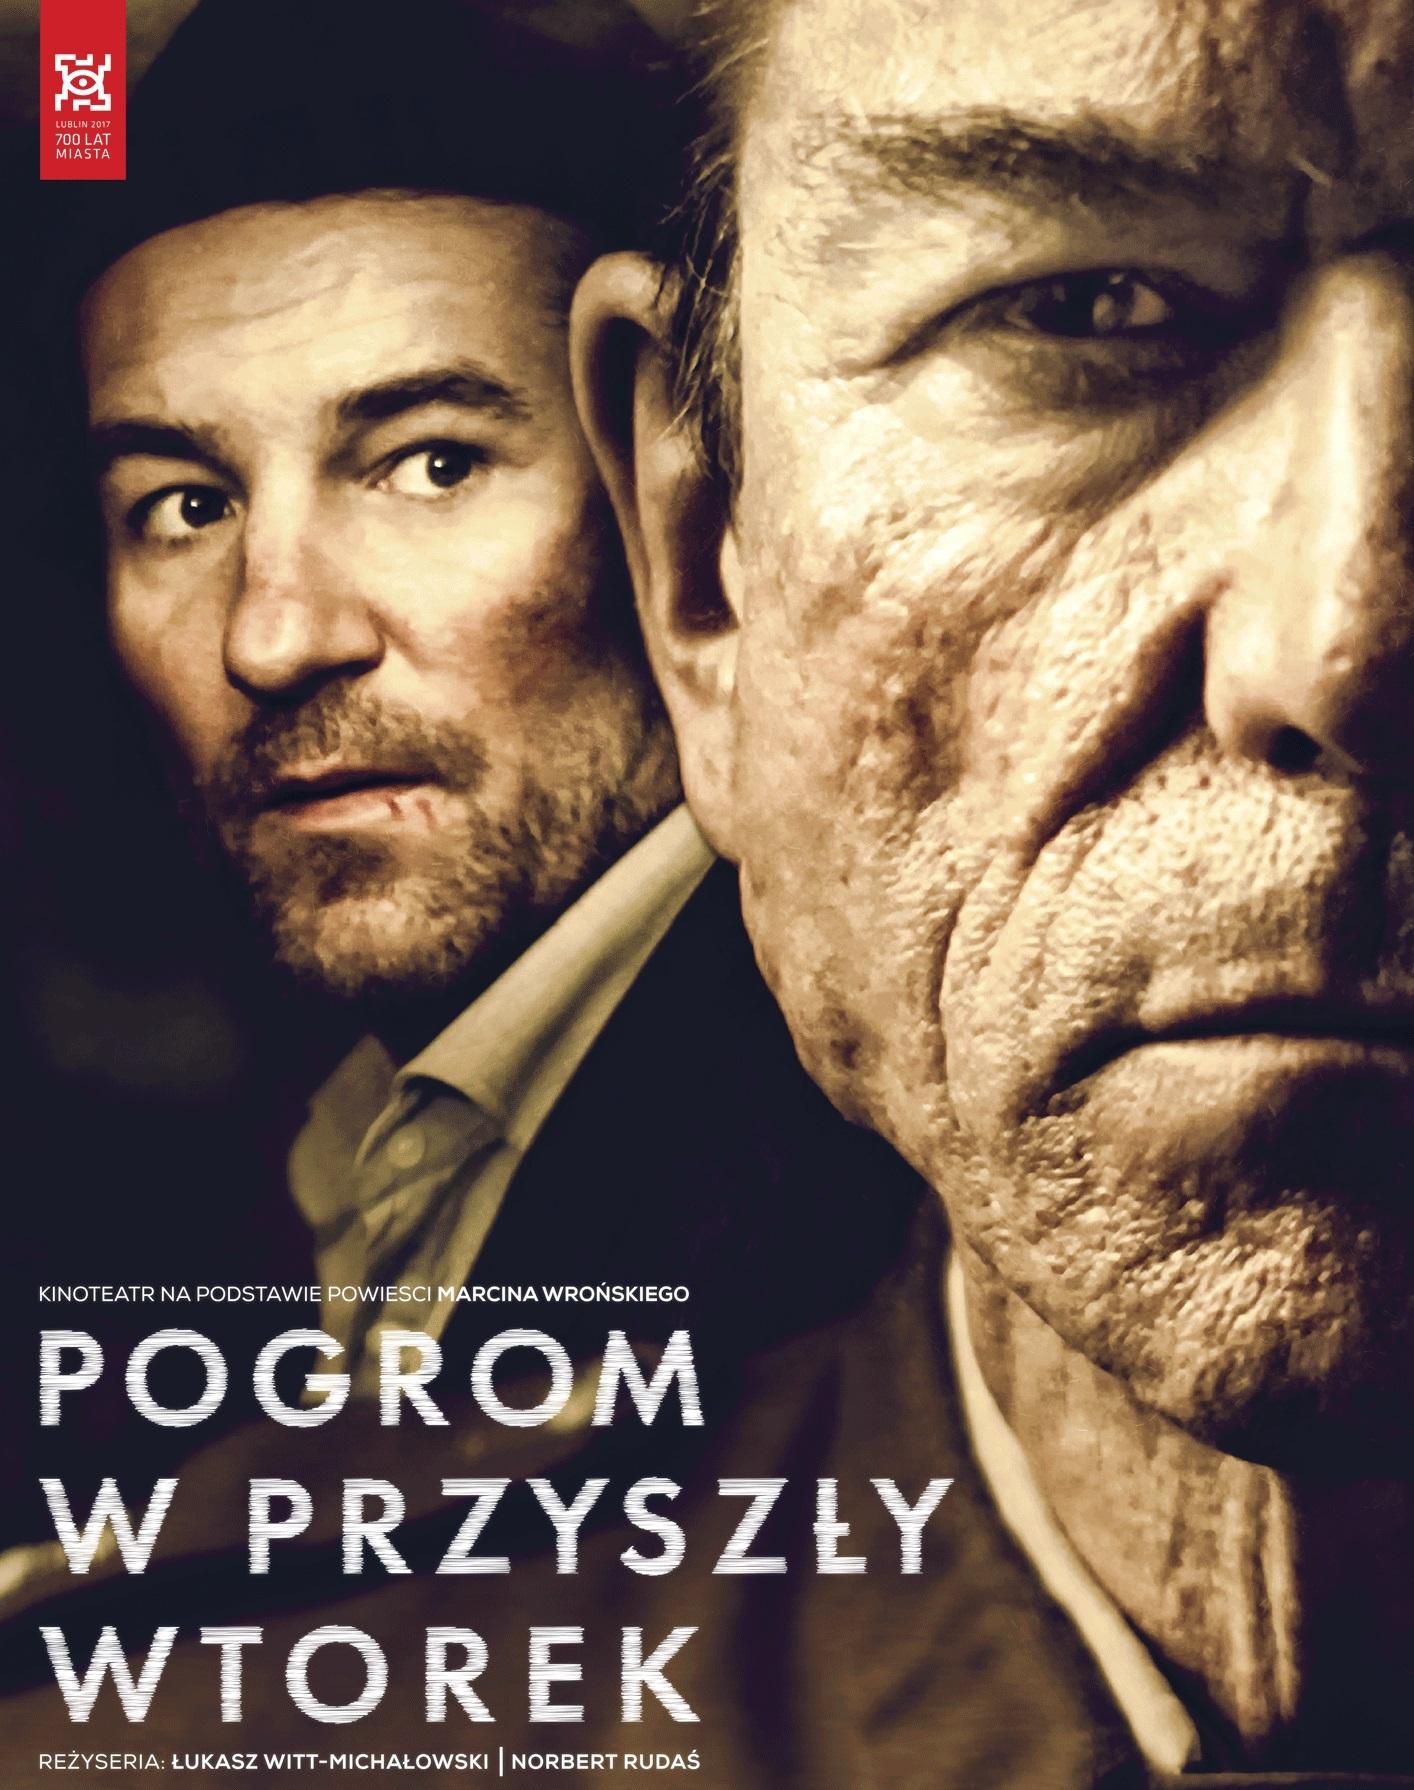 """""""Pogrom w przyszły wtorek"""", reż. Łukasz Witt-Michałowski, Norbert Rudaś (źródło: materiały prasowe organizatora)"""